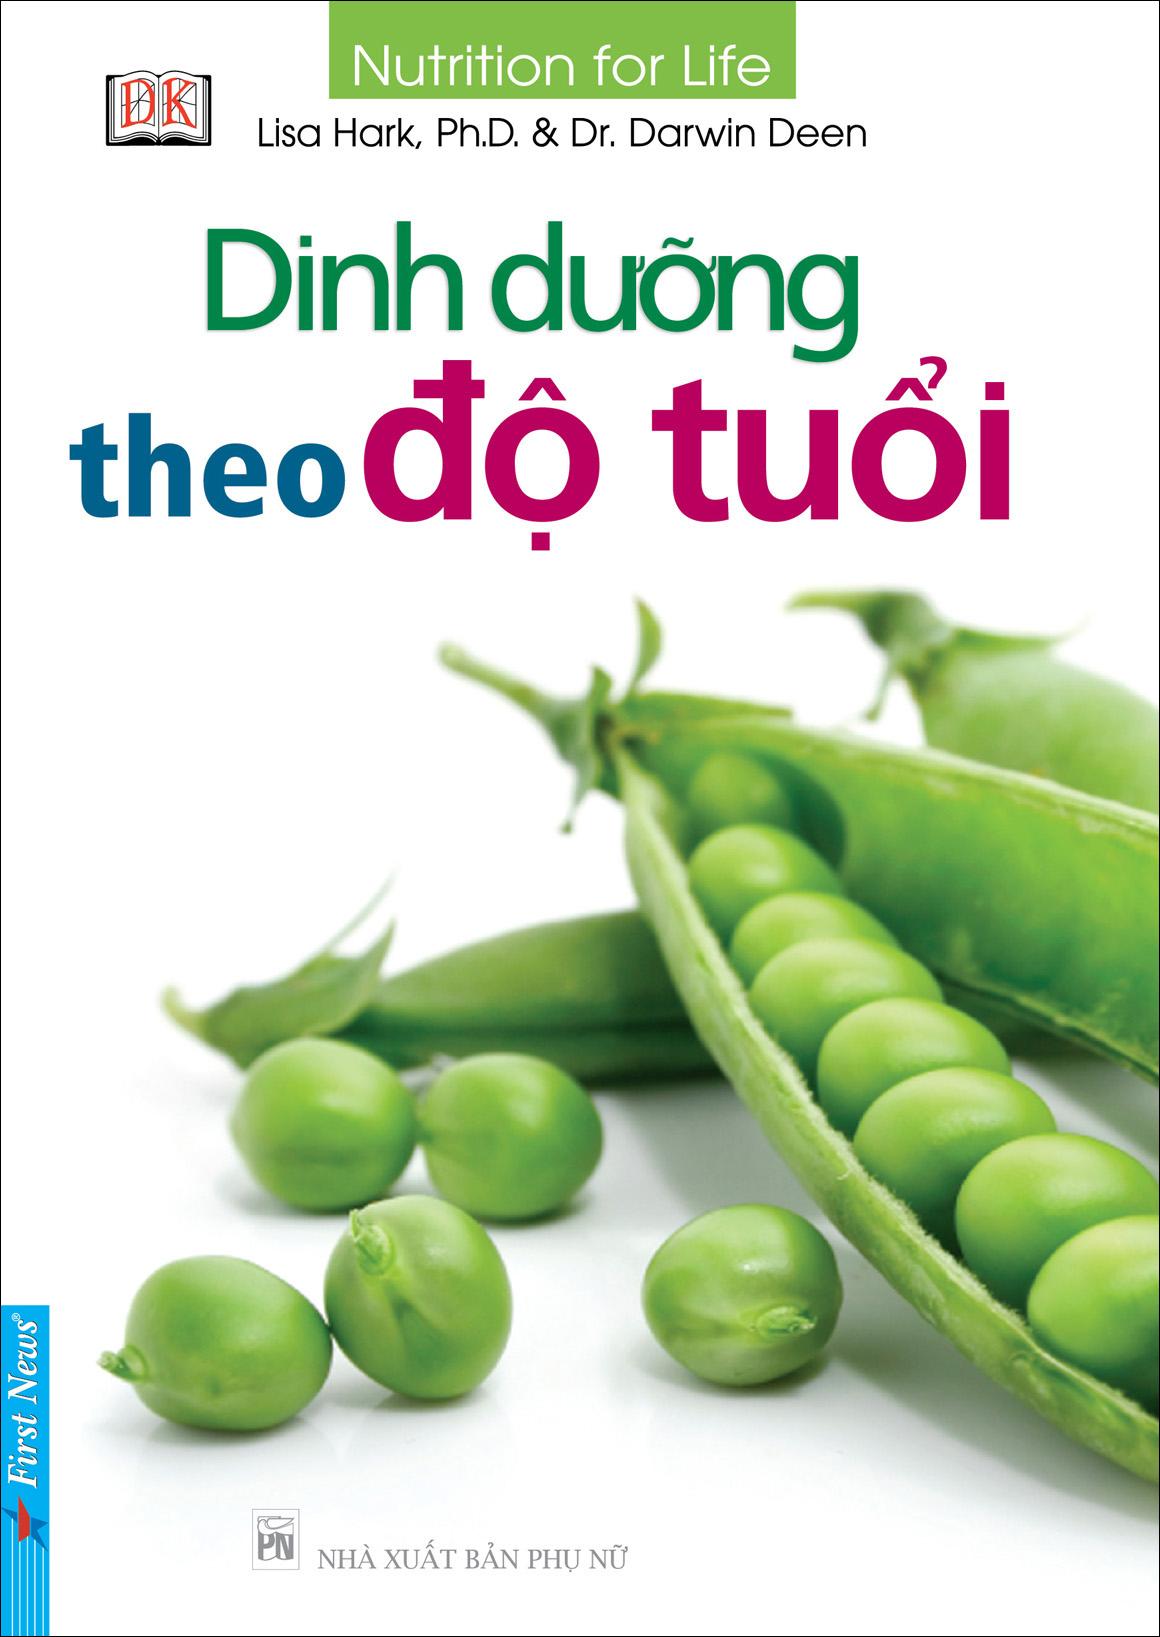 DINH DƯỠNG THEO ĐỘ TUỔI